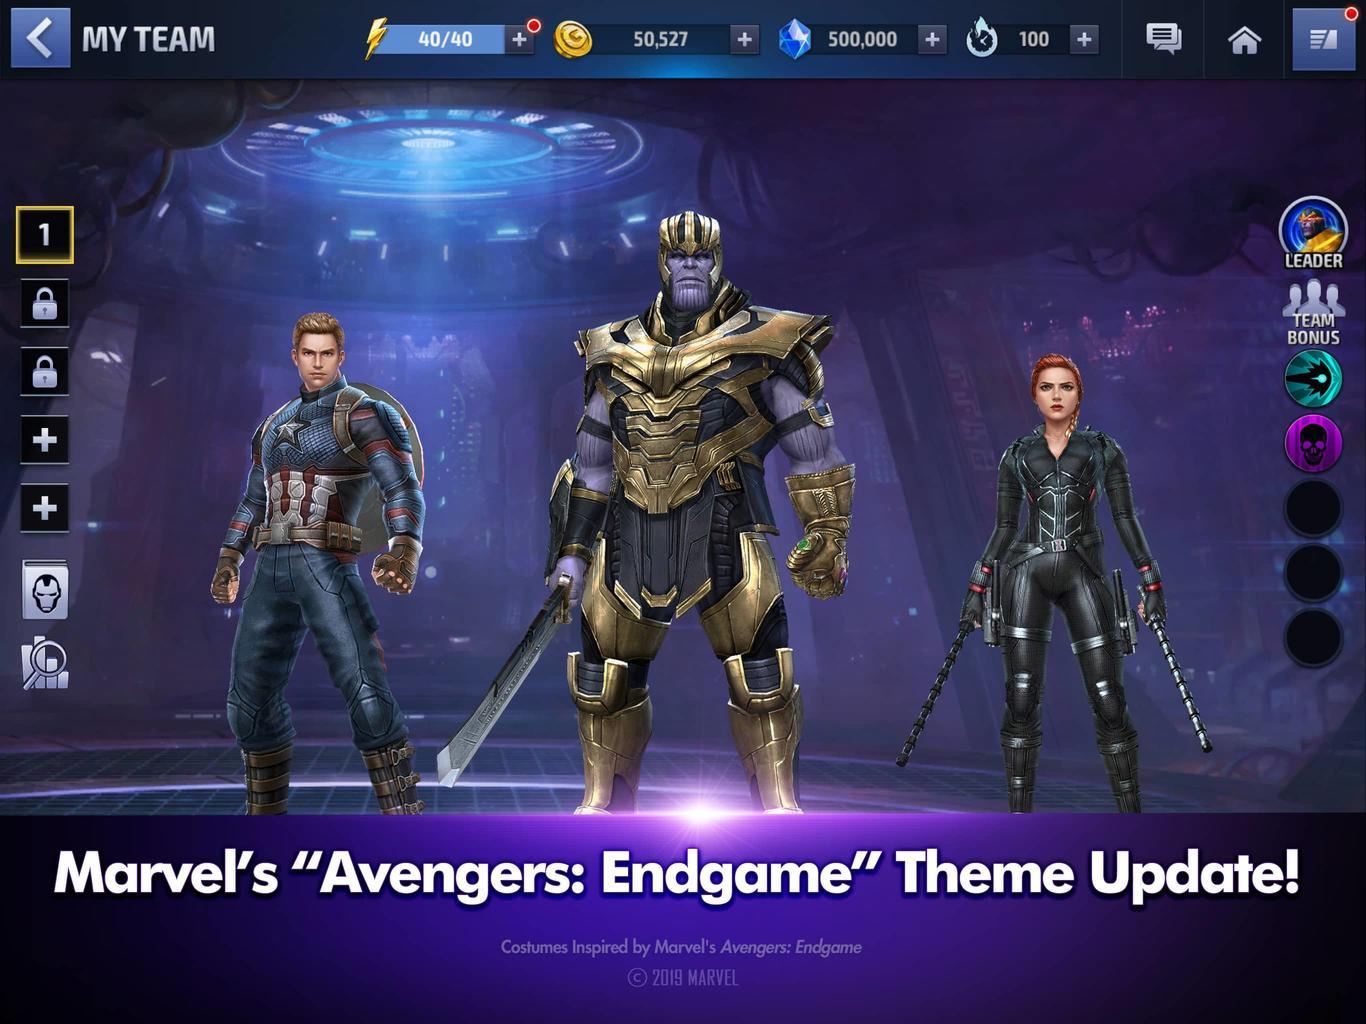 3b1225719 Avengers: Endgame content updates arrive across Marvel mobile games